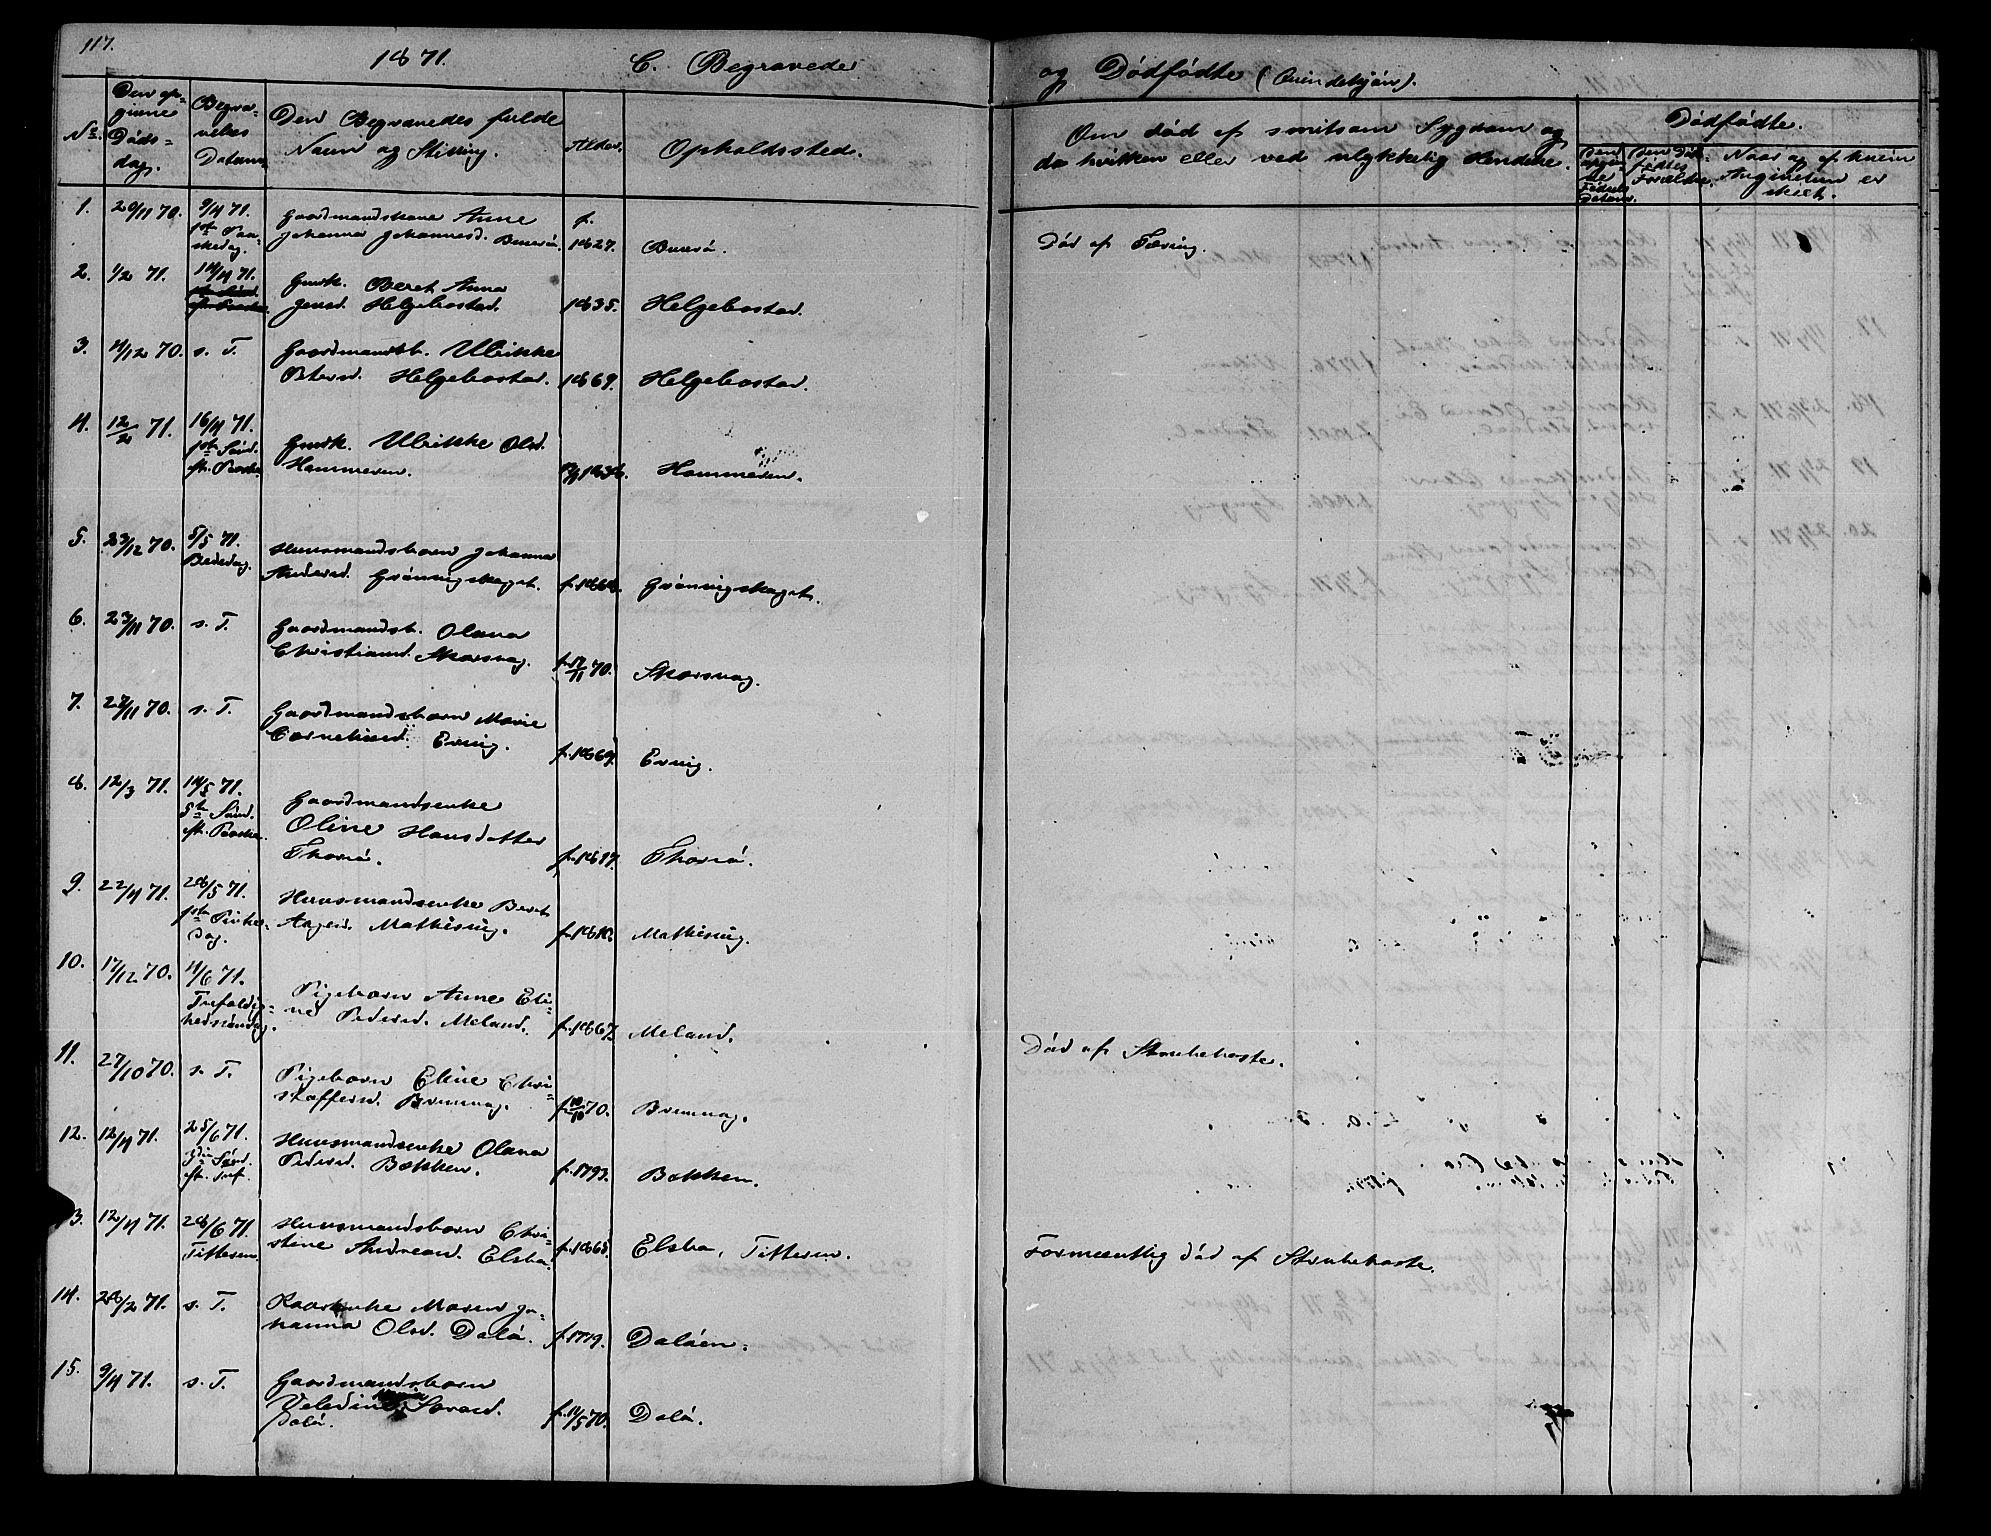 SAT, Ministerialprotokoller, klokkerbøker og fødselsregistre - Sør-Trøndelag, 634/L0539: Klokkerbok nr. 634C01, 1866-1873, s. 117